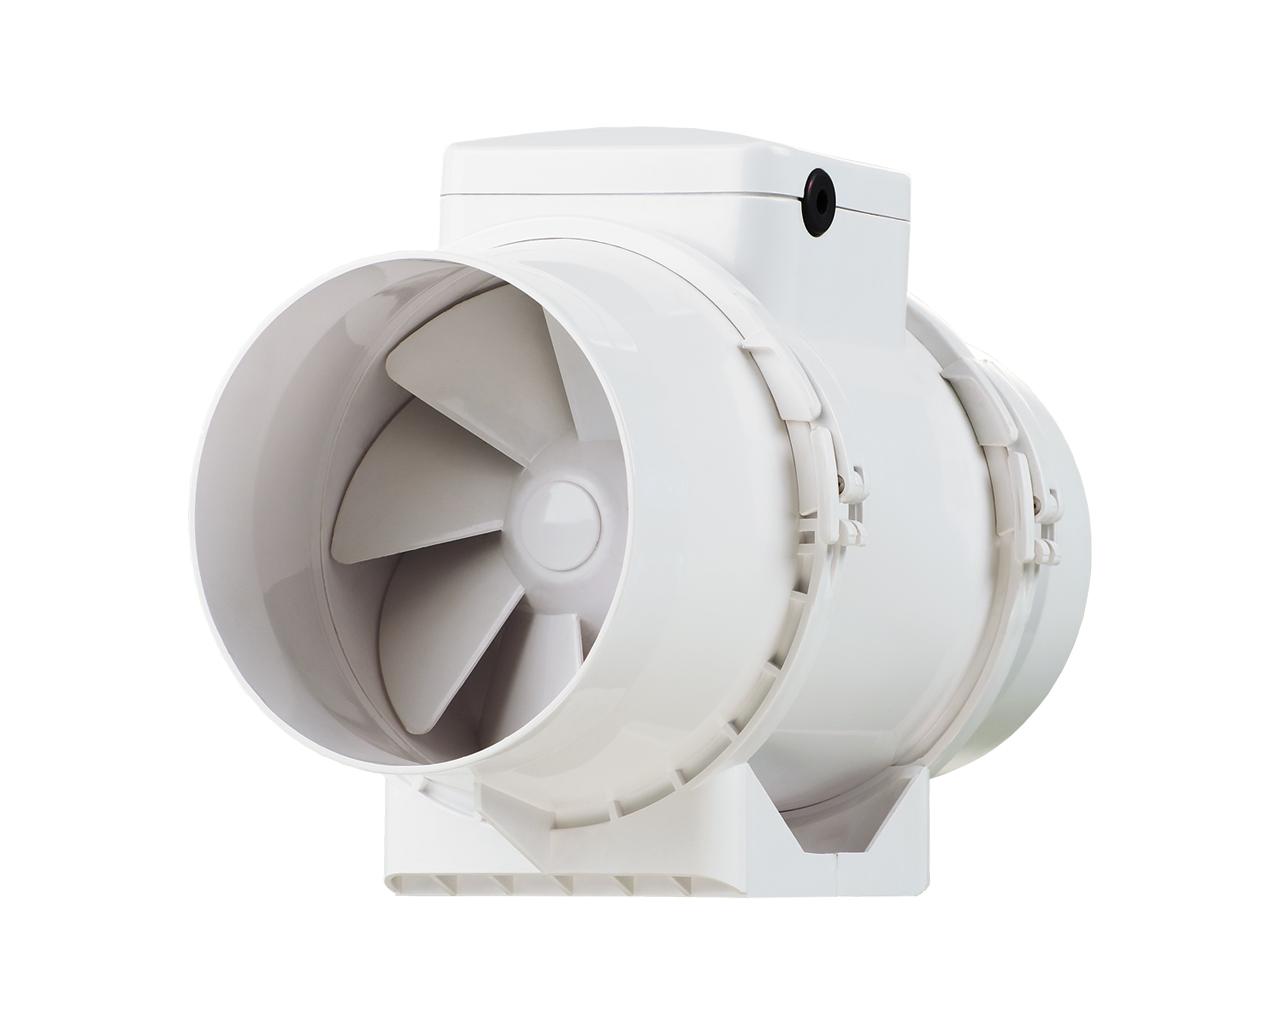 круглый вентилятор вытяжки у ванную комнату конструкции